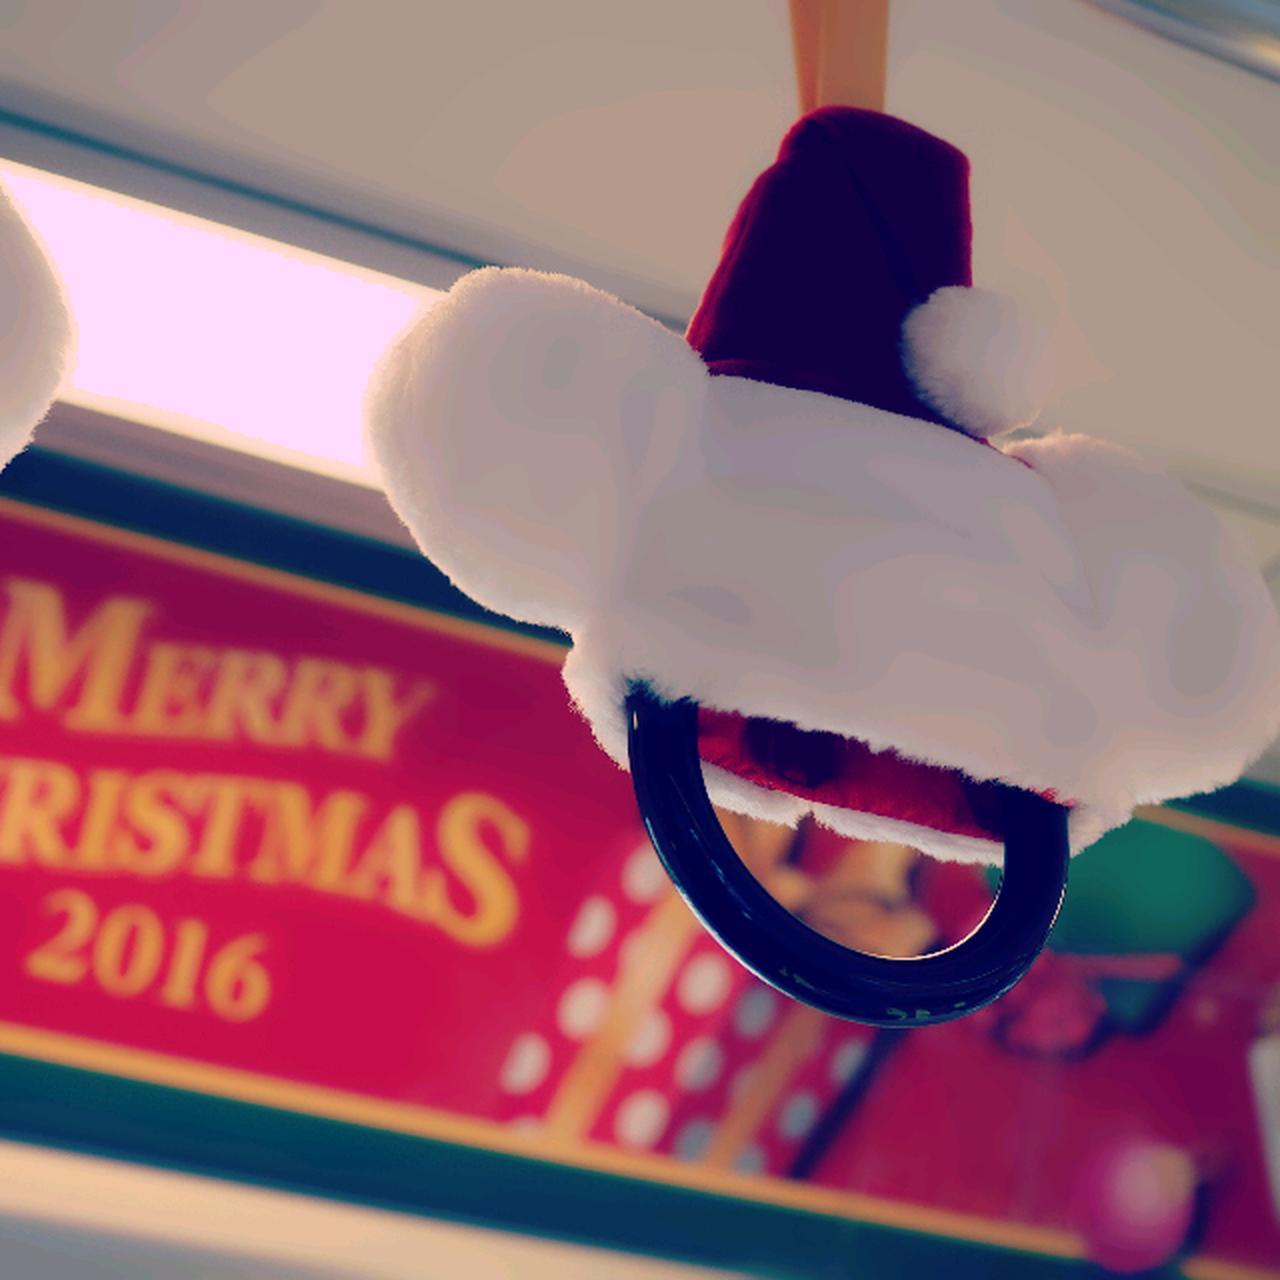 東京ディズニーシーのクリスマス。SNS映えする撮影ポイント10 [FRaU]